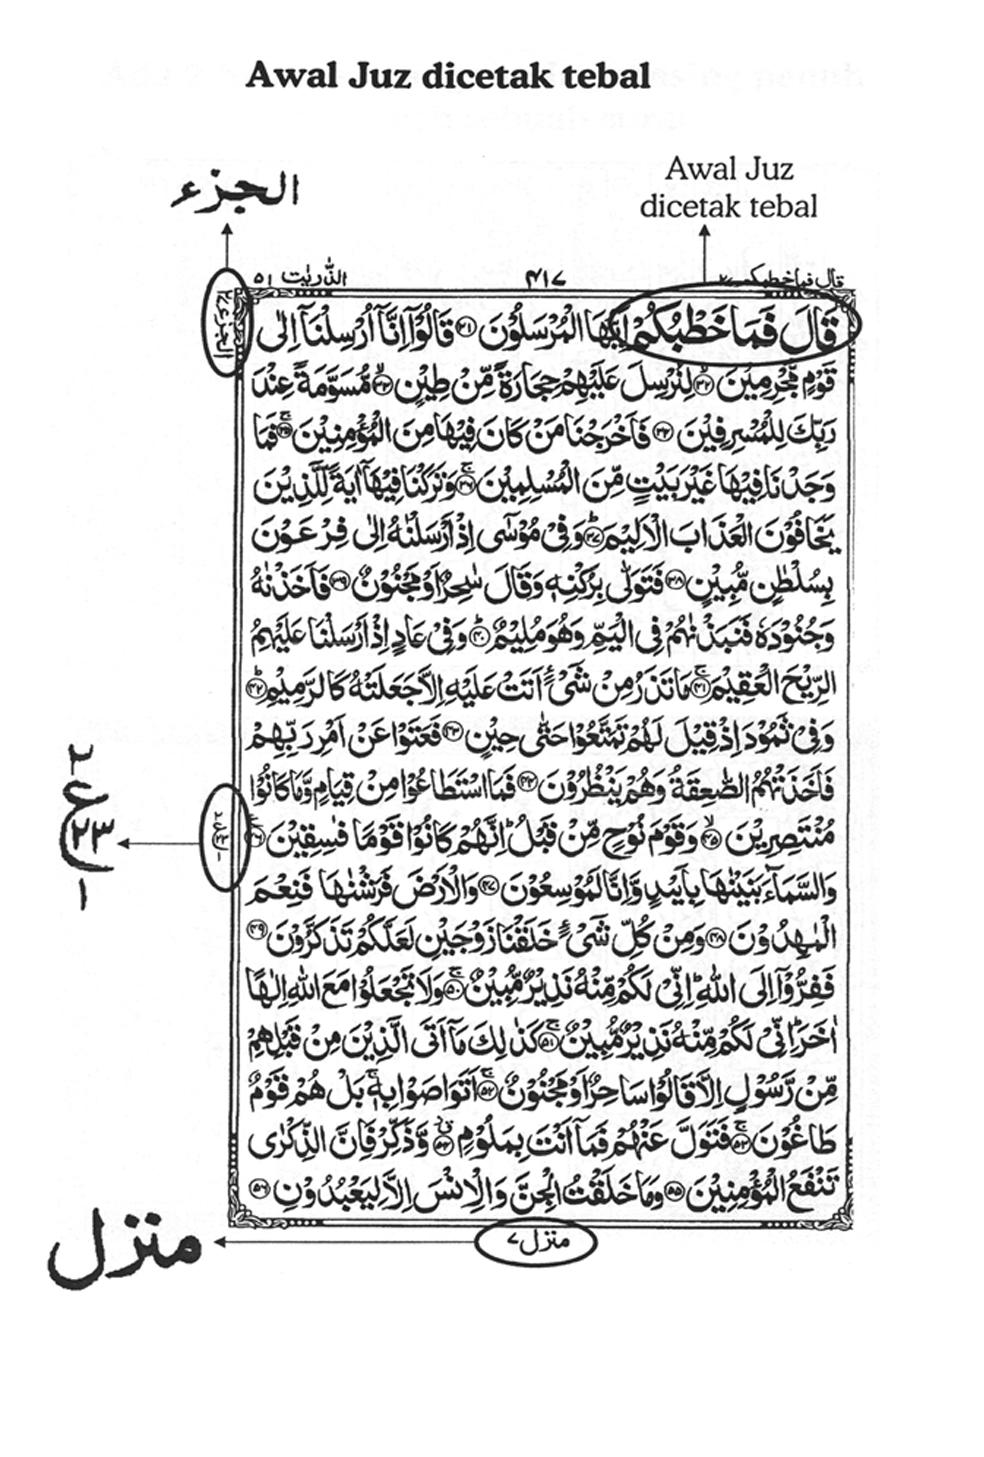 Numerik Al Quran Ciri Ciri Al Qur An Format 18 Baris